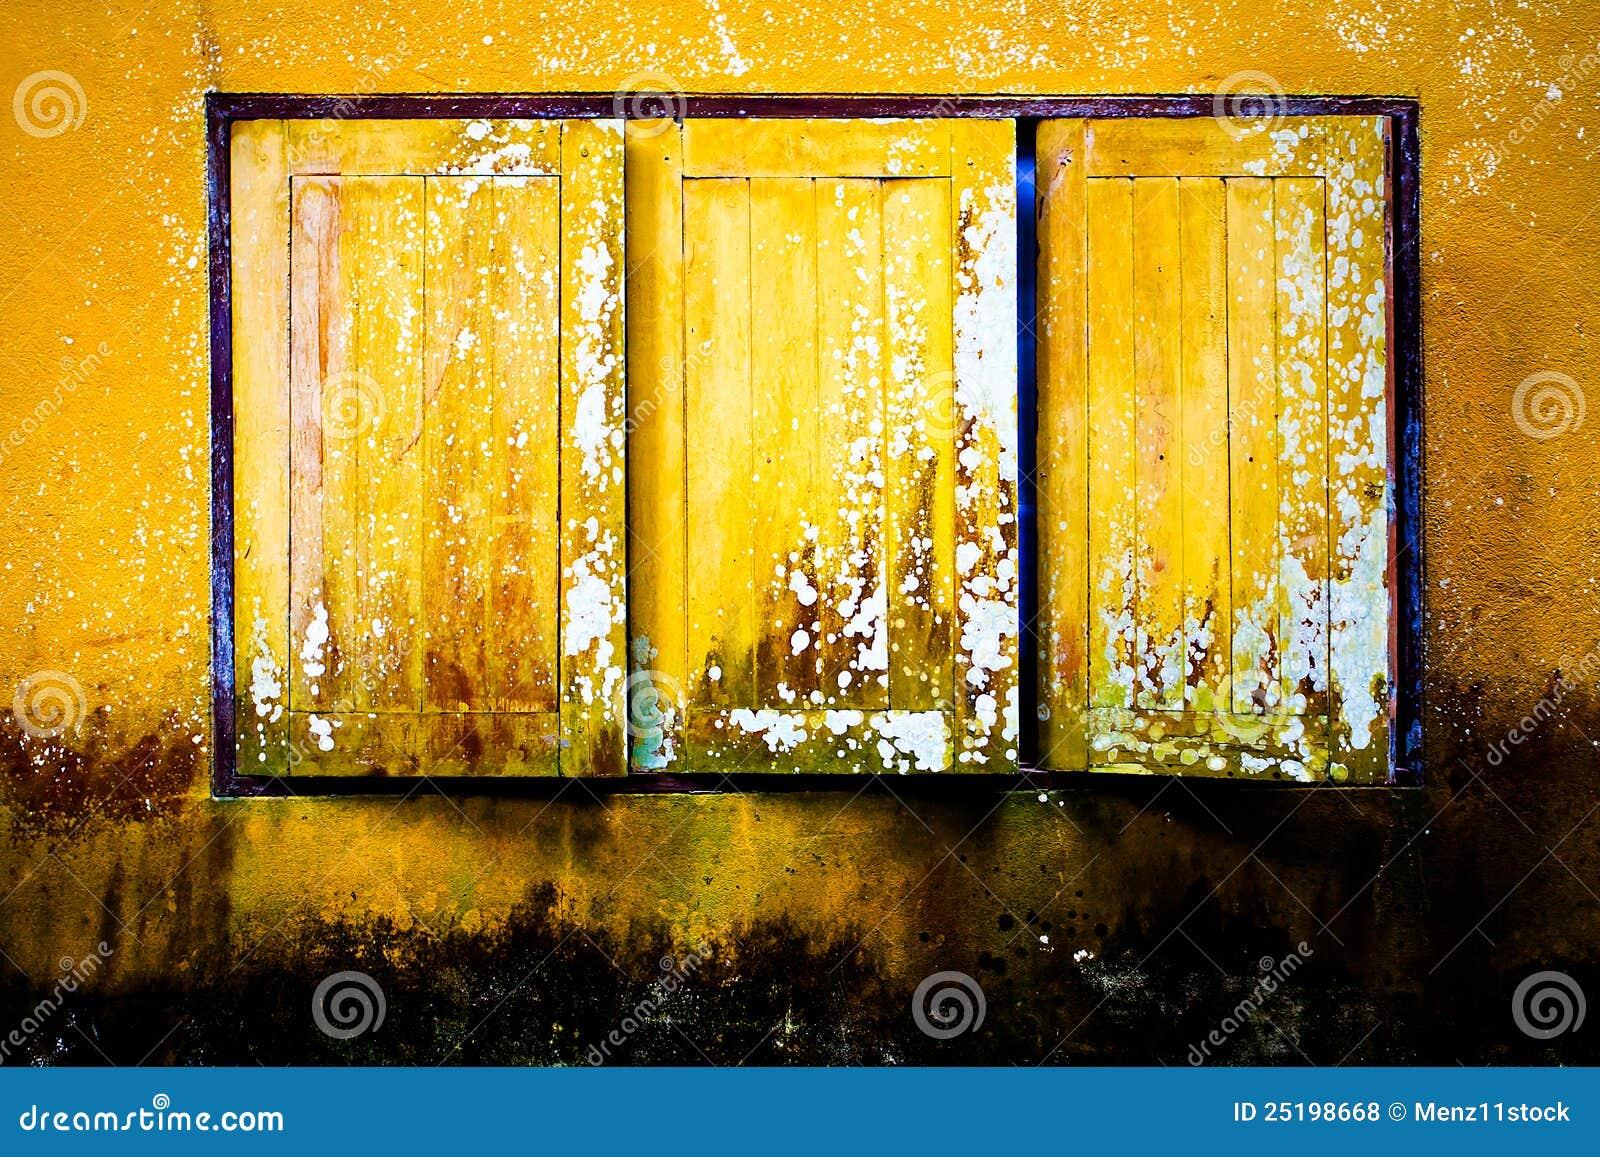 Old yellow window stock photo. Image of peeling, tiles - 25198668